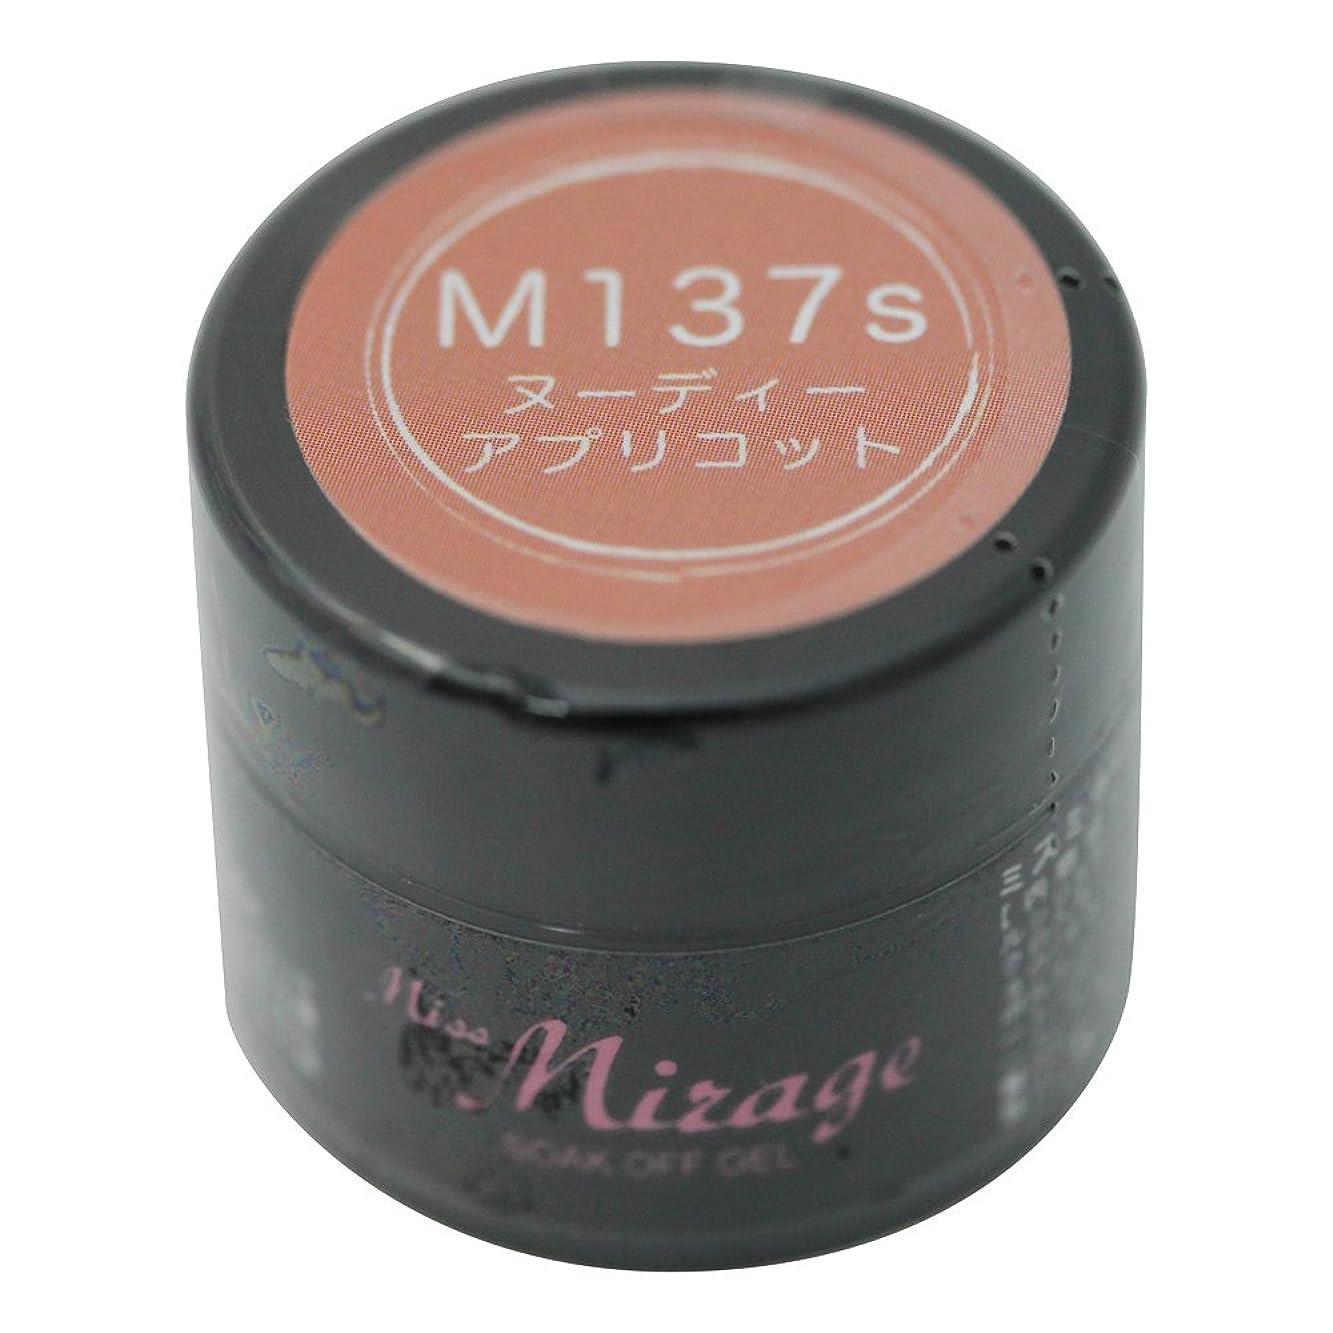 不運インゲン頻繁にMiss Mirage M137S ヌーディーアプリコット 2.5g UV/LED対応タイオウ